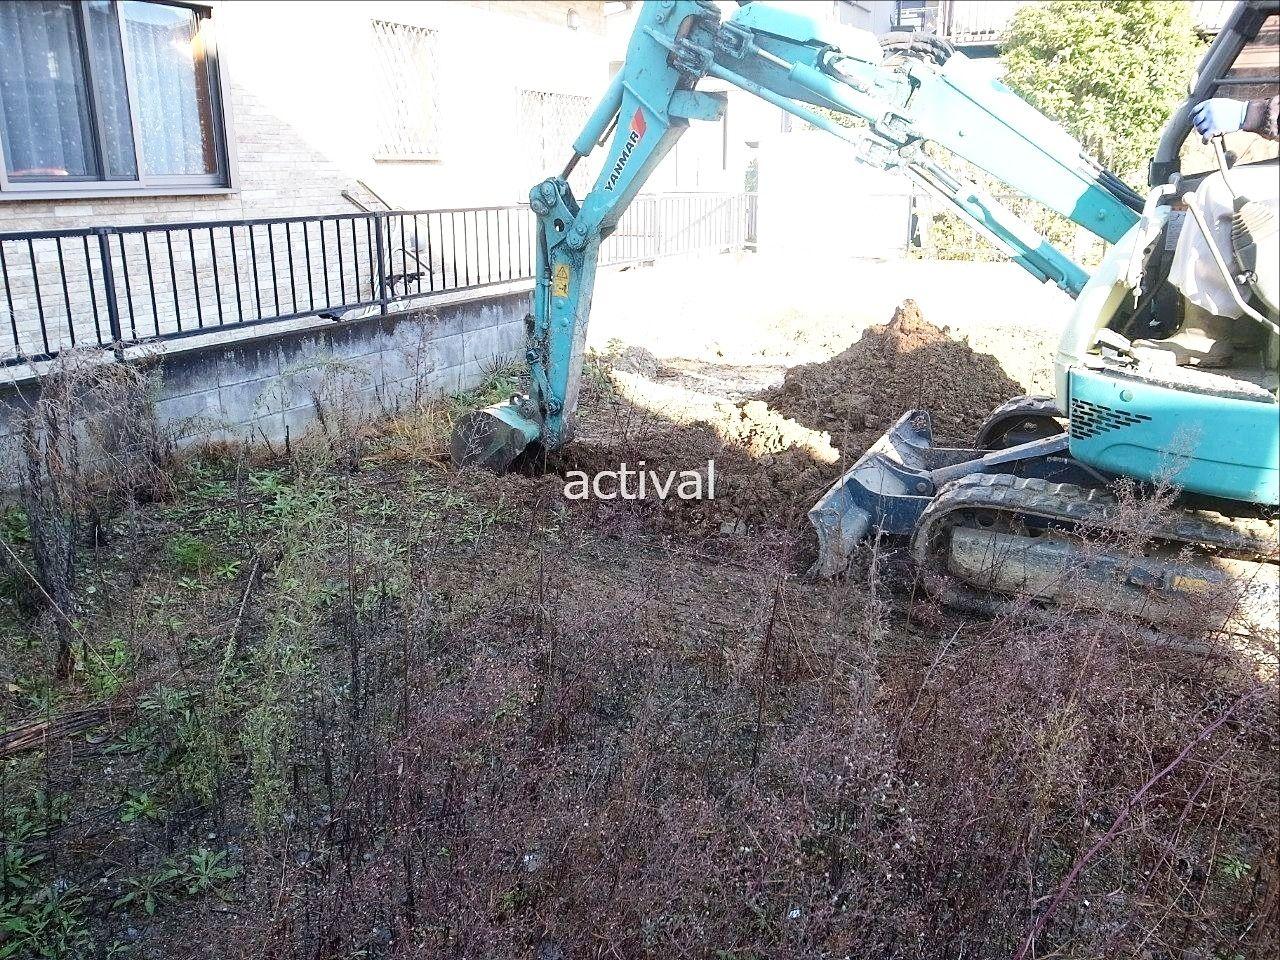 ガラの確認で実際の土地を掘り始めた様子です。